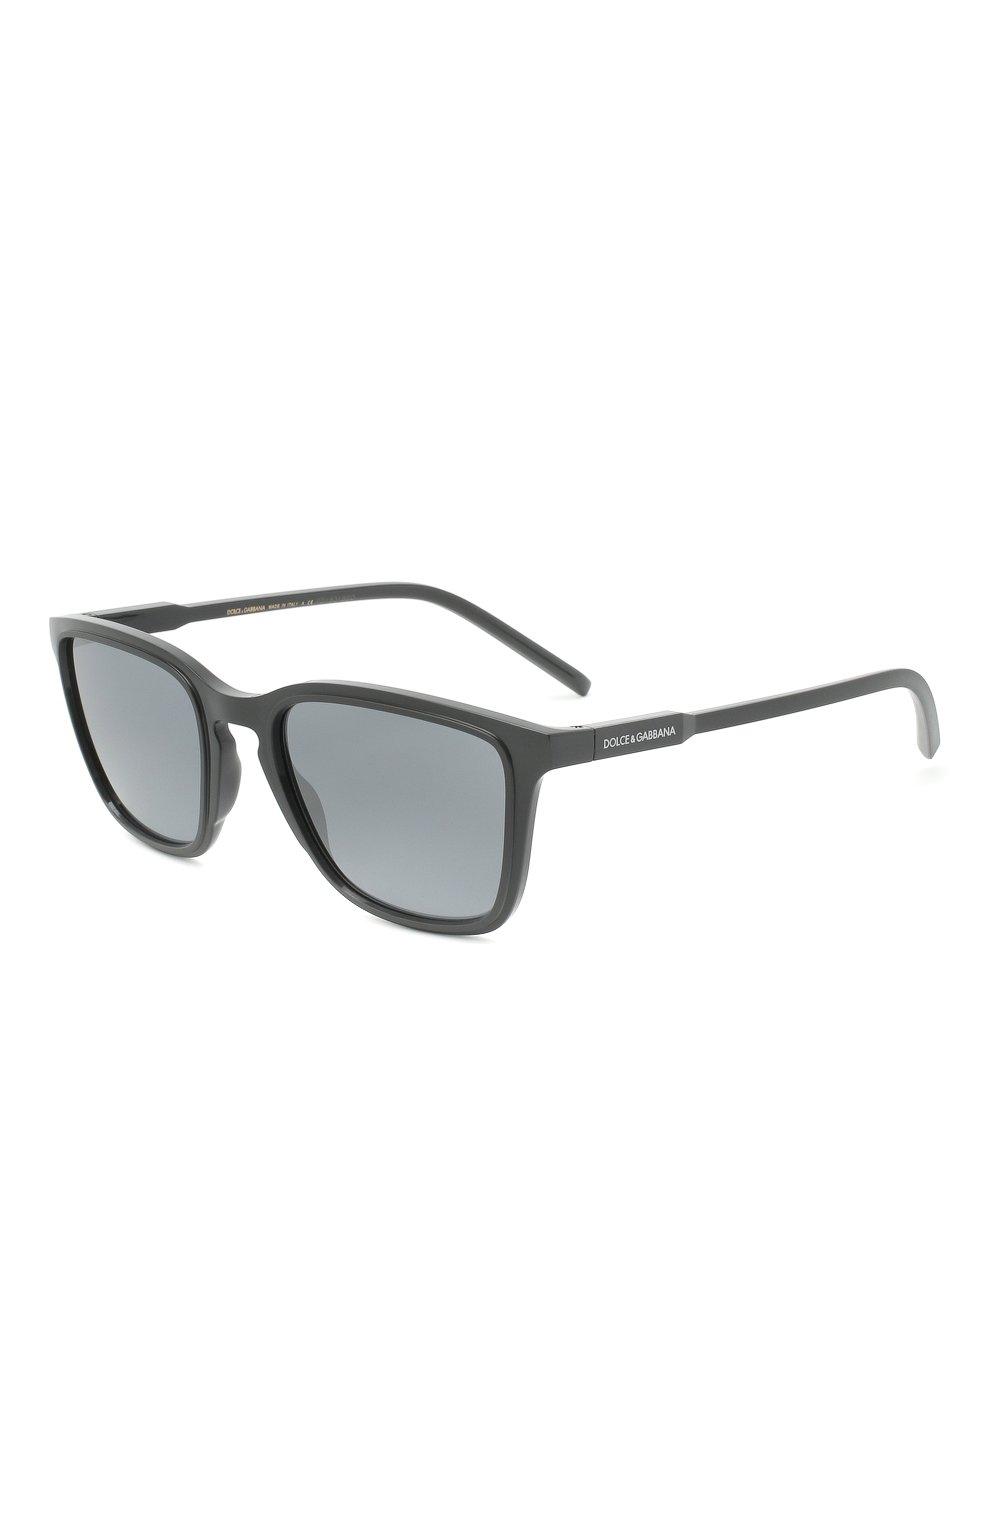 Мужские солнцезащитные очки DOLCE & GABBANA серого цвета, арт. 6145-32936G | Фото 1